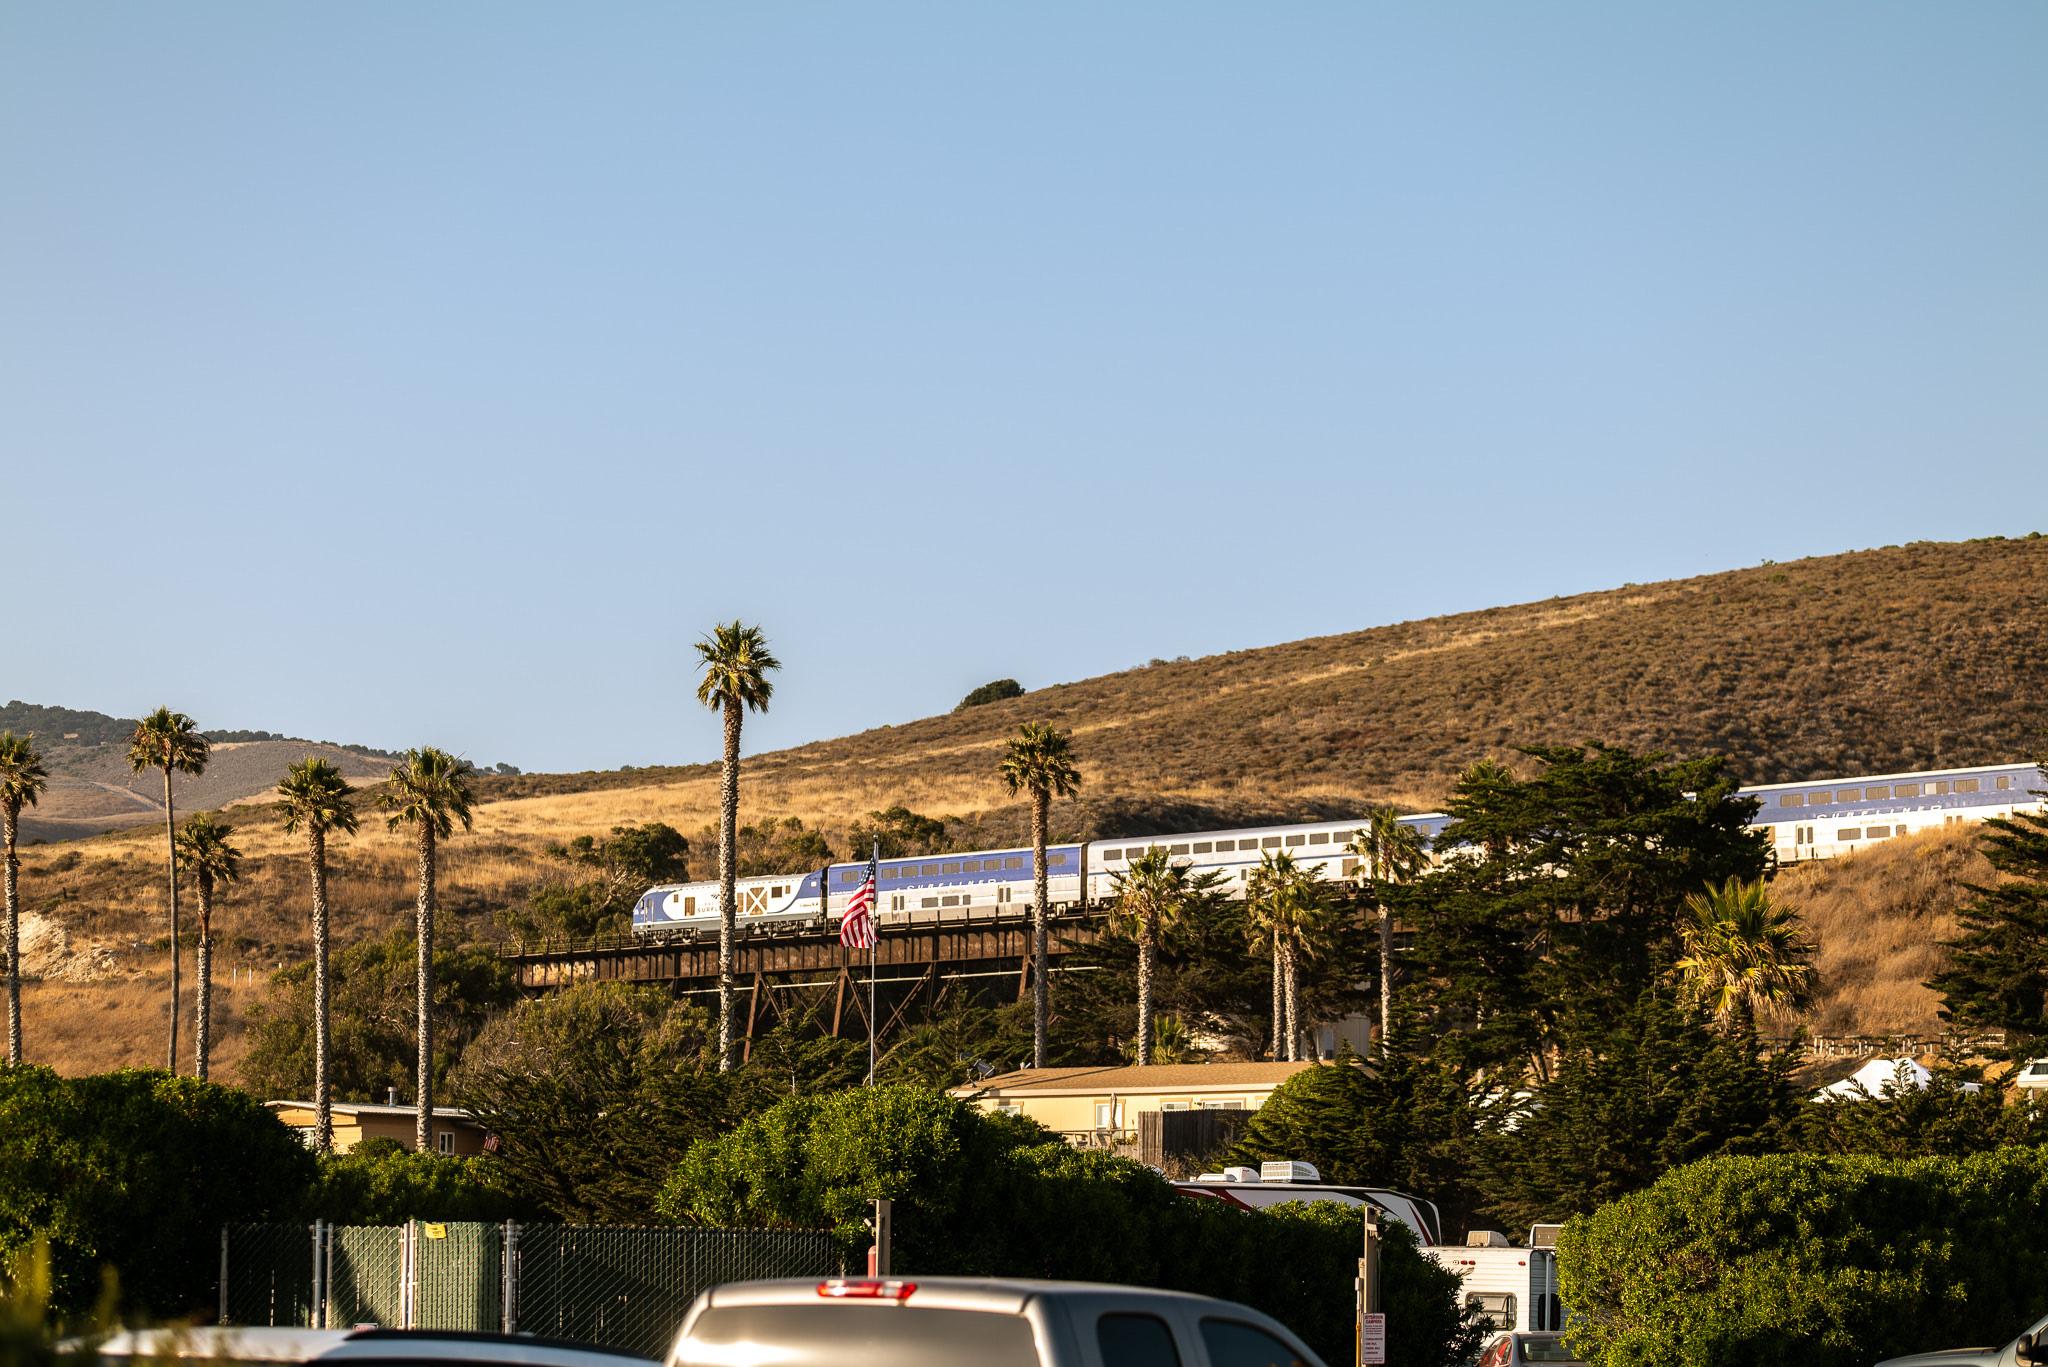 Surfliner Train passing through.